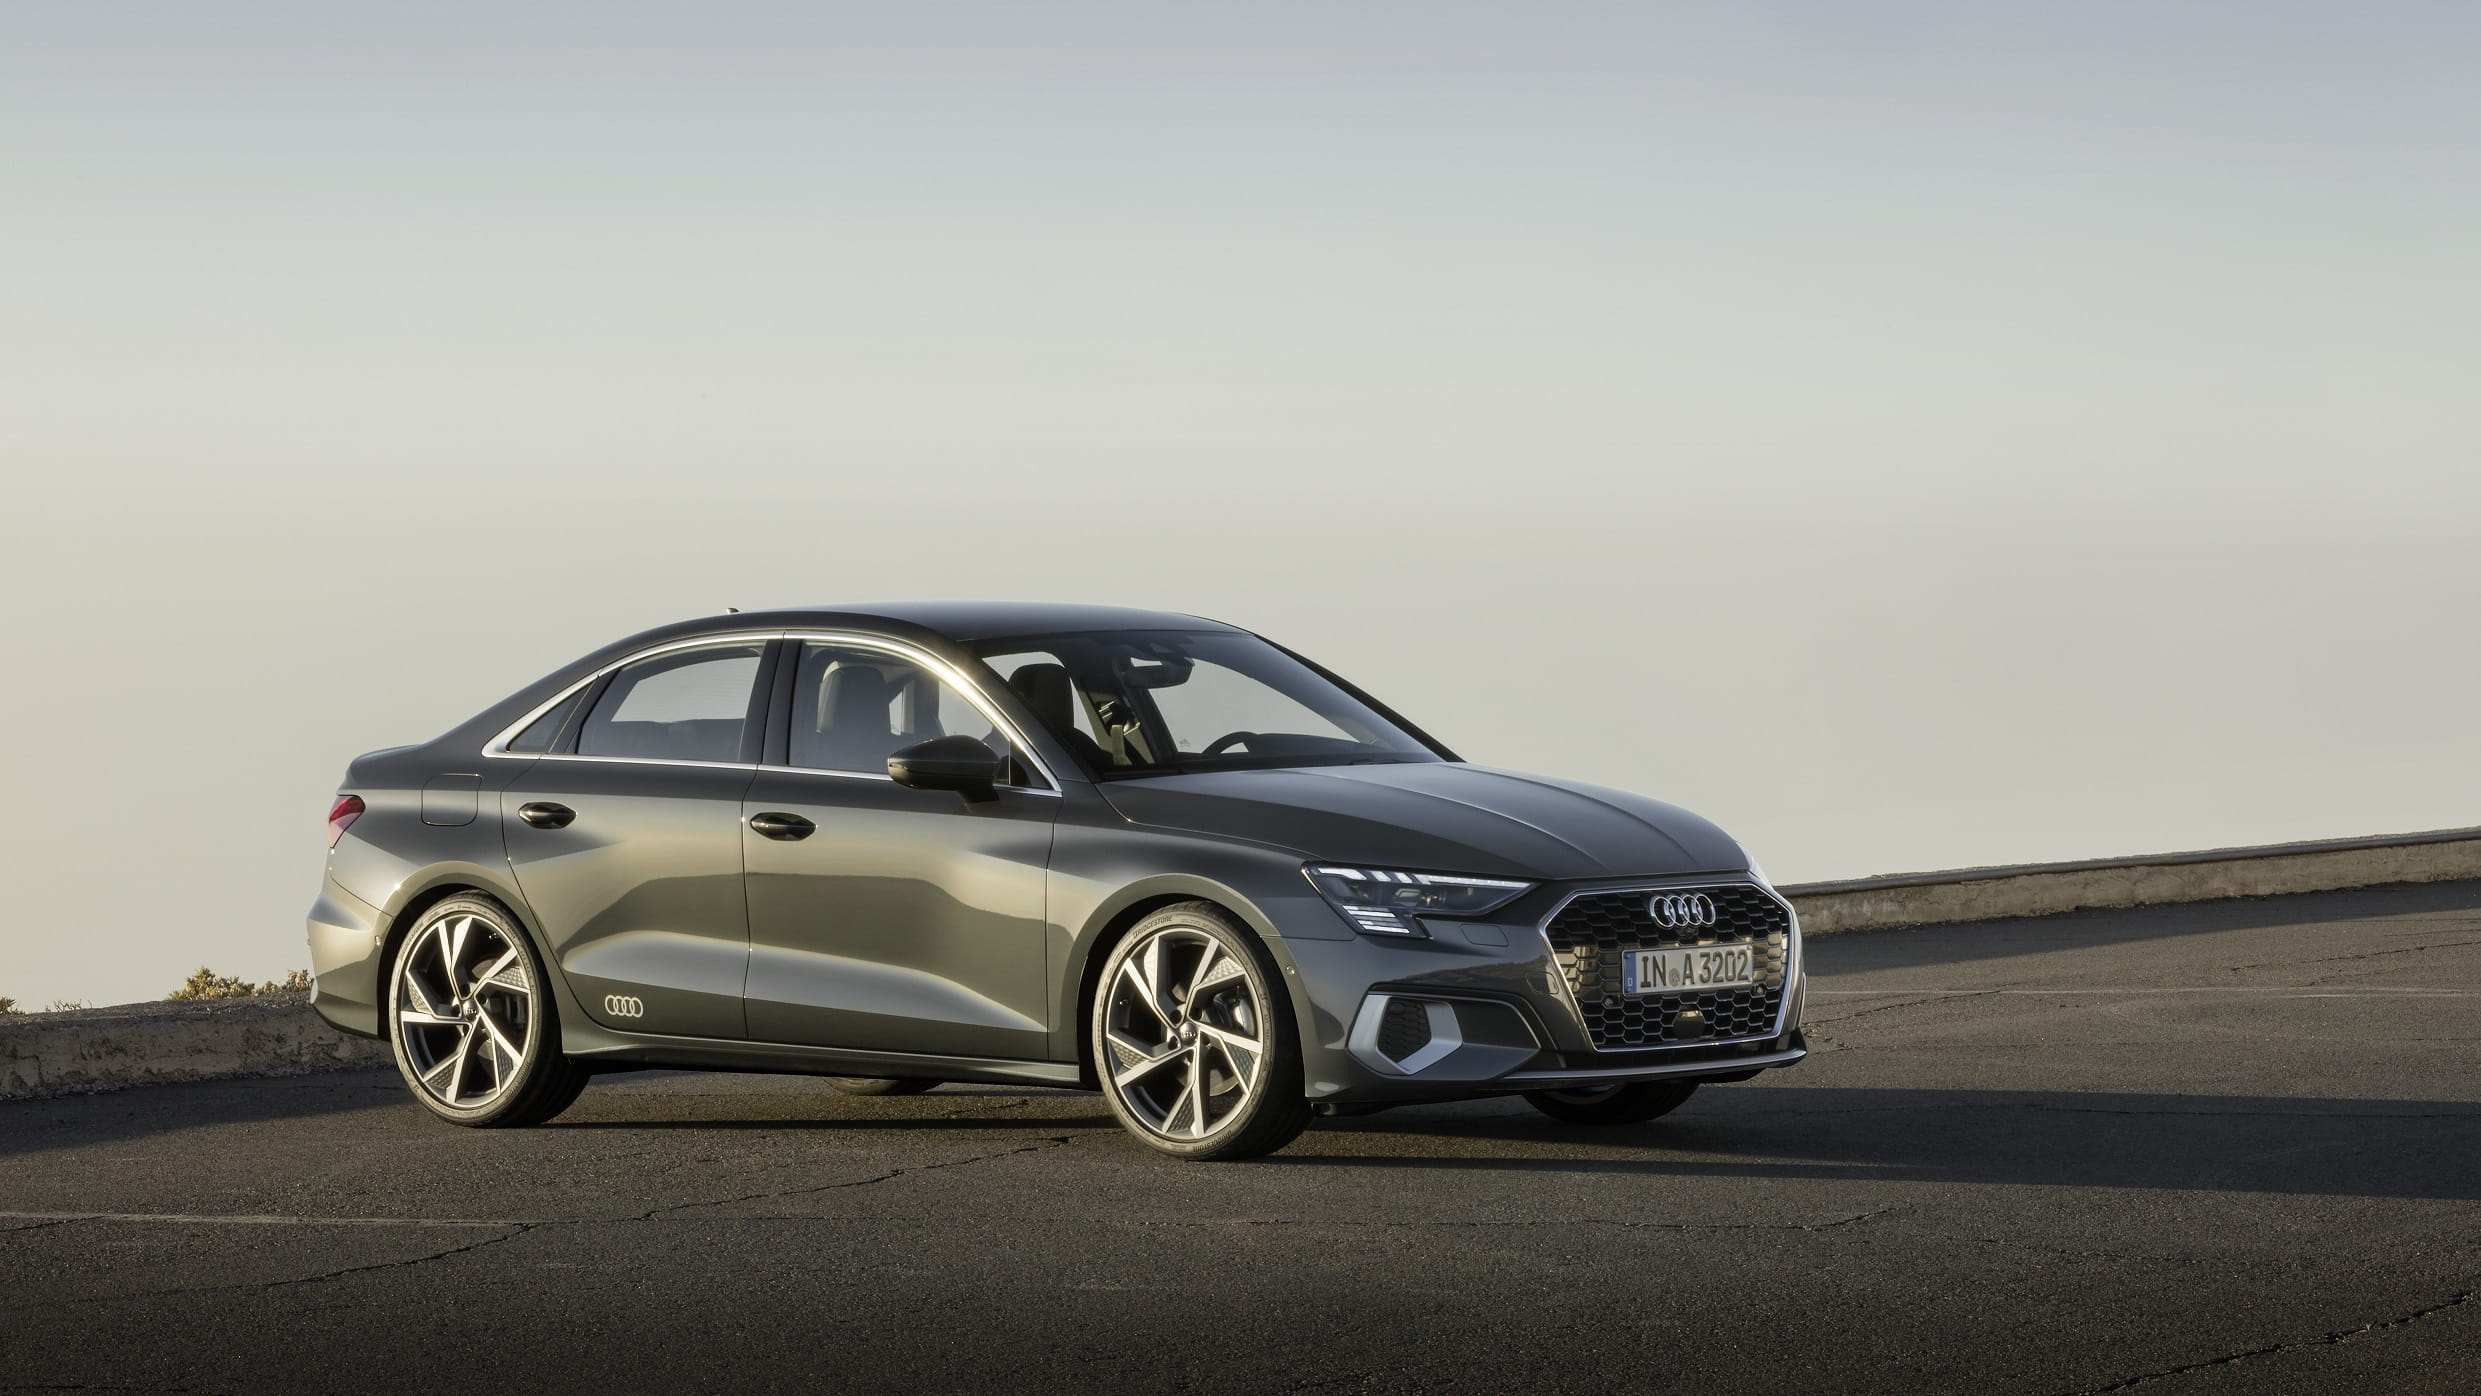 Νέο Audi A3 Sedan - Εμπρός όψη